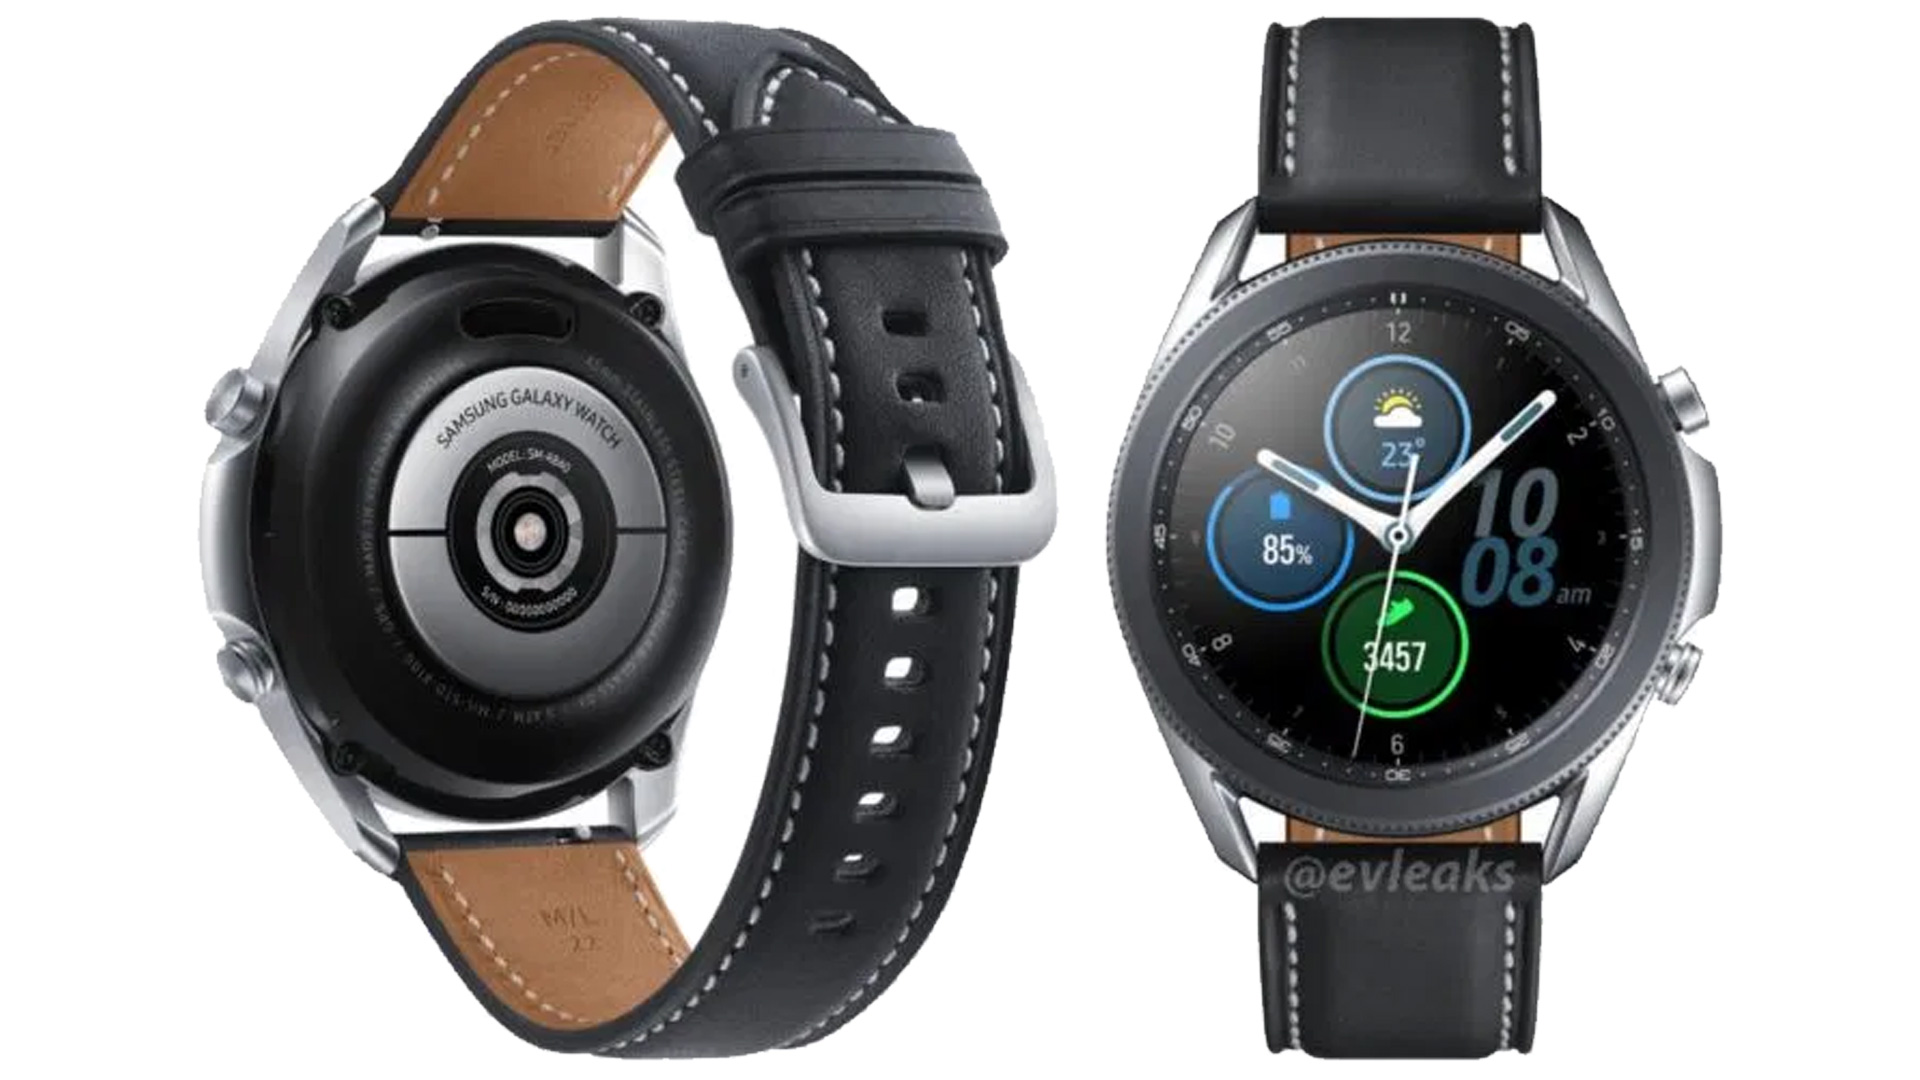 Le immagini stampa svelano Samsung Galaxy Watch 3 in tutta la sua gloria